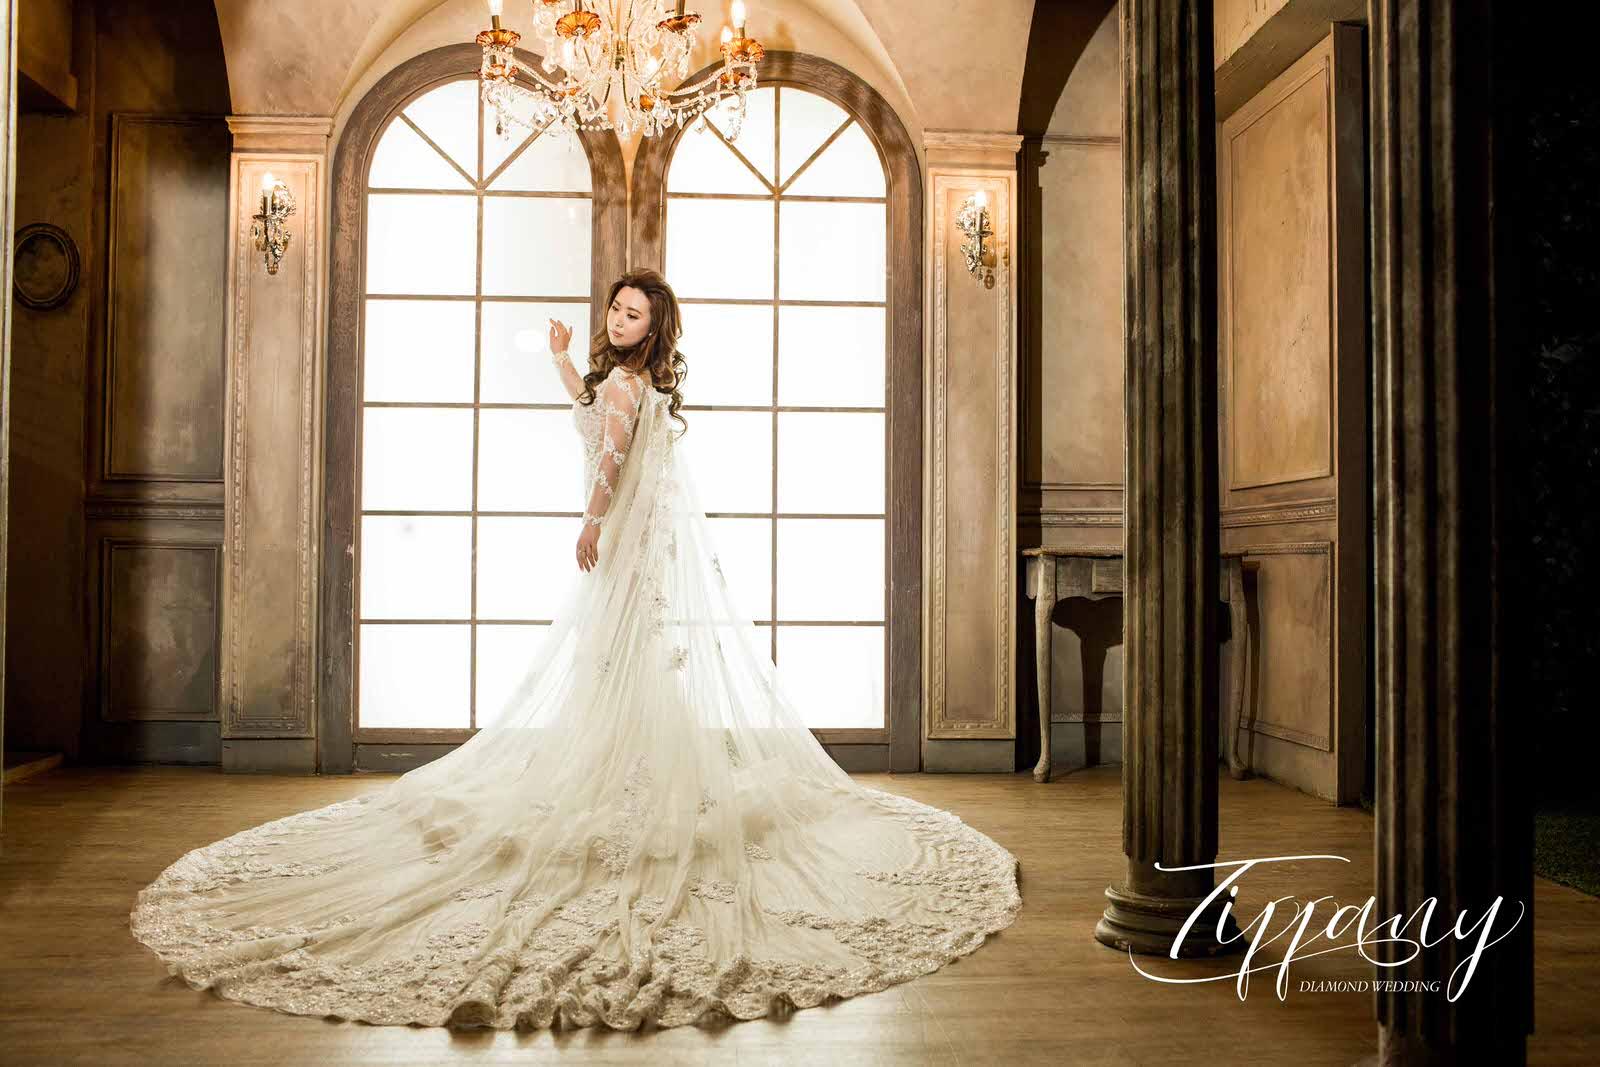 試穿婚紗-四大要點-婚紗公司-結婚包套-1.jpg